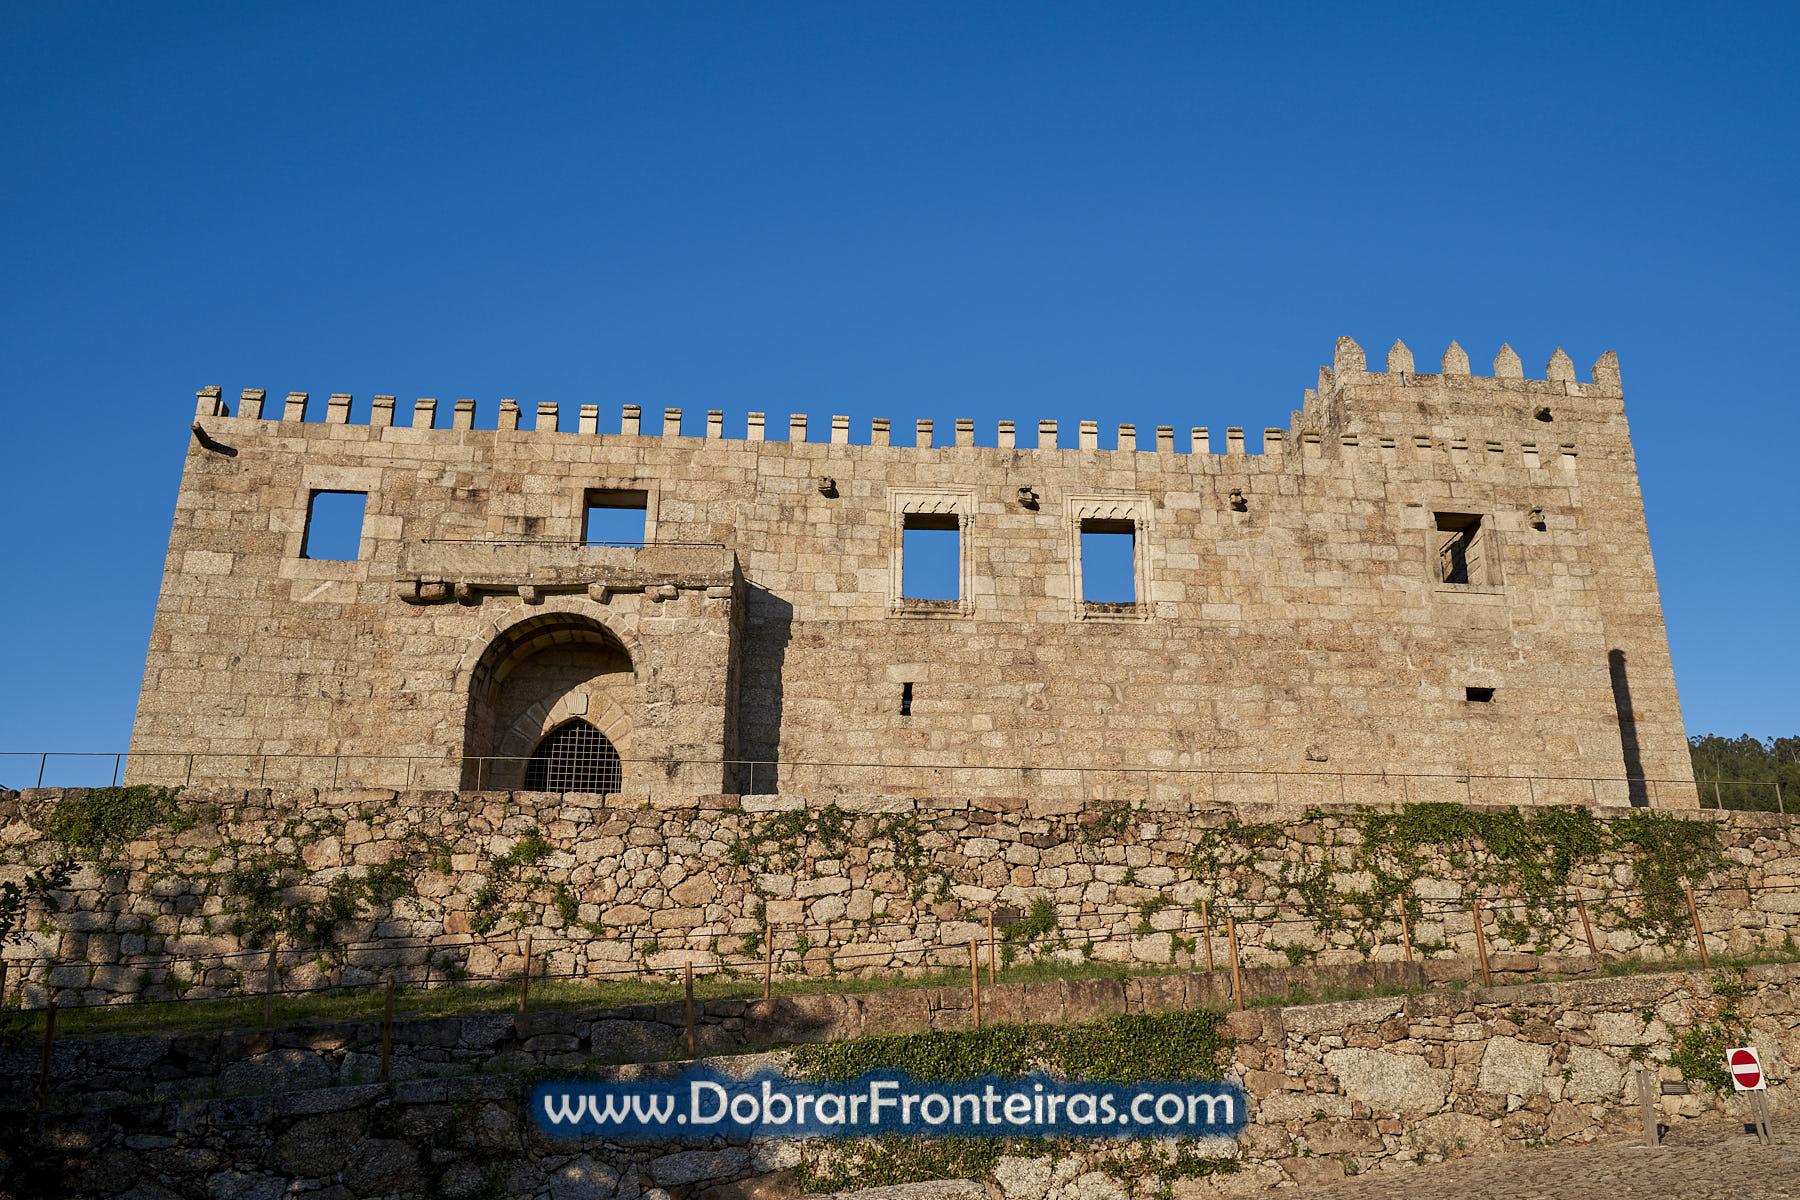 Fachada do Paço de Giela, castelo